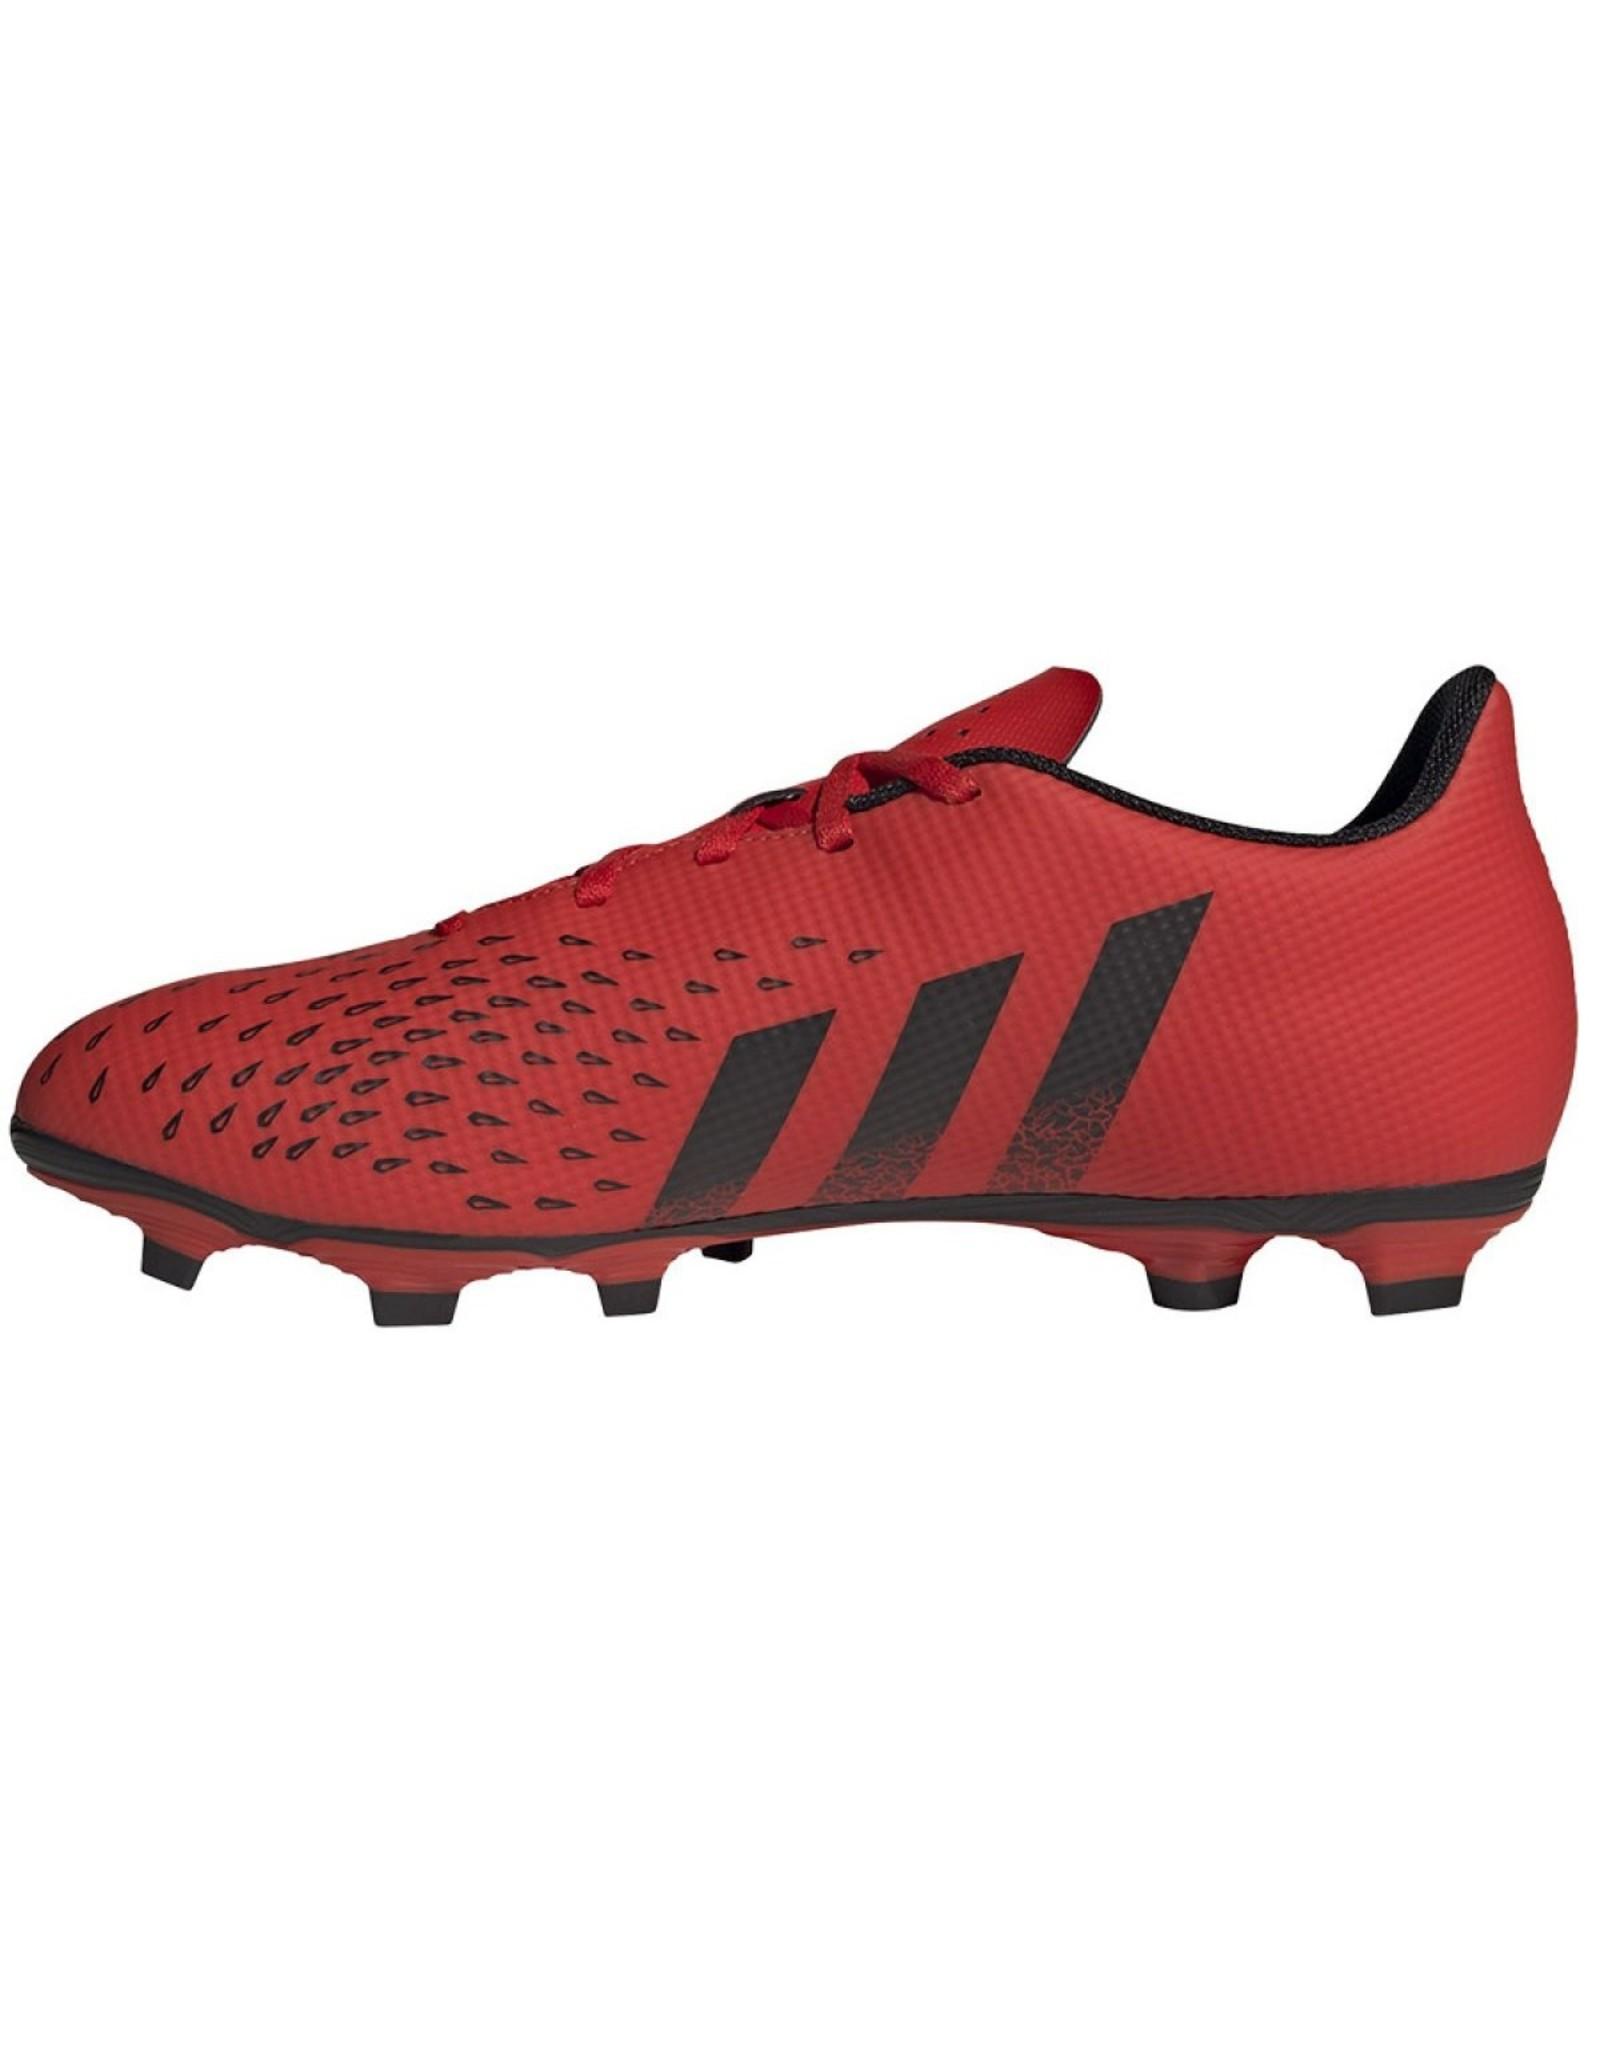 Adidas ADIDAS PREDATOR FREAK .4 FxG